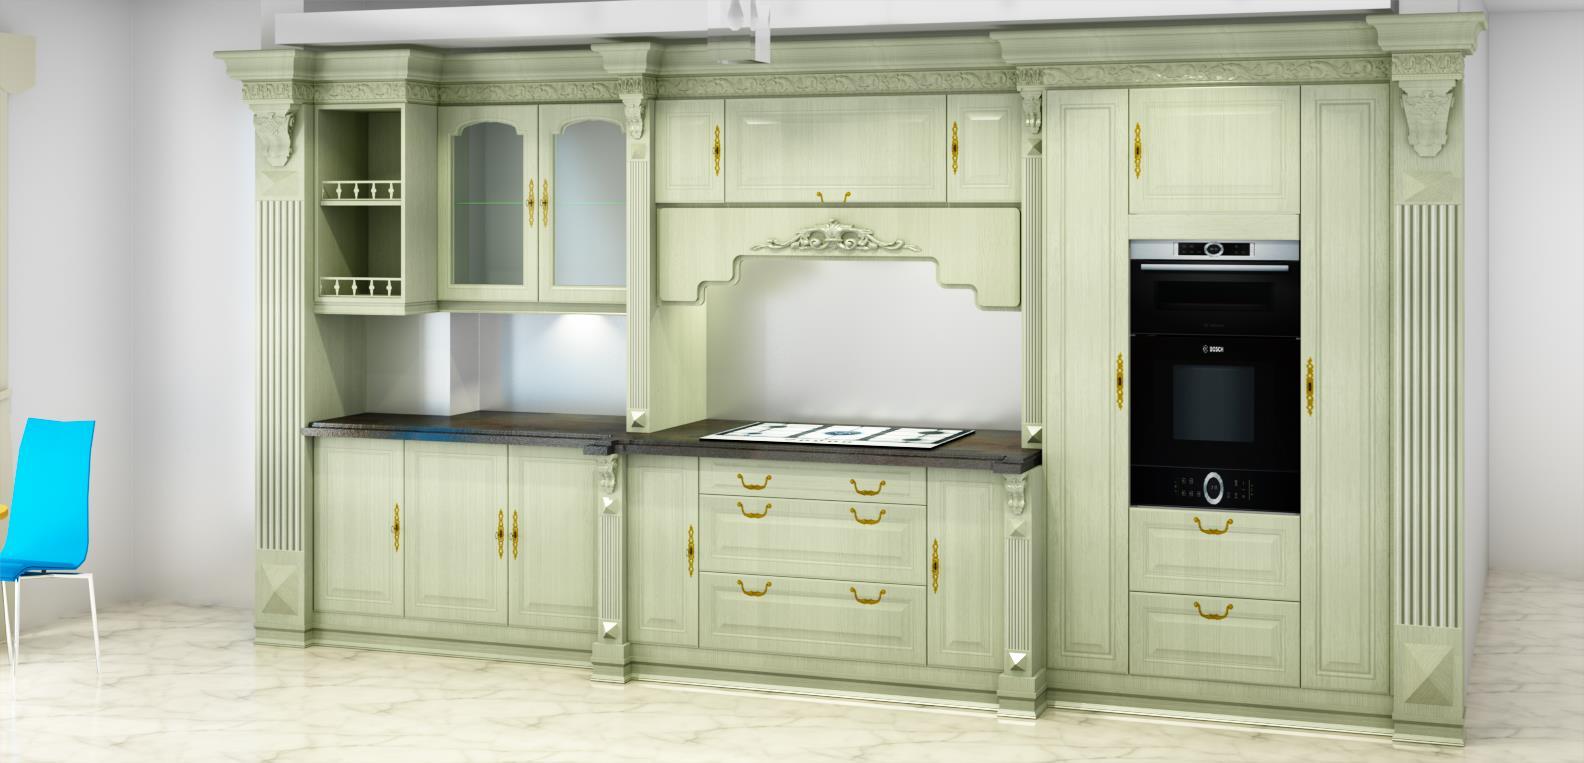 waaytex@gmail.com-emad norozi-kitchendraw